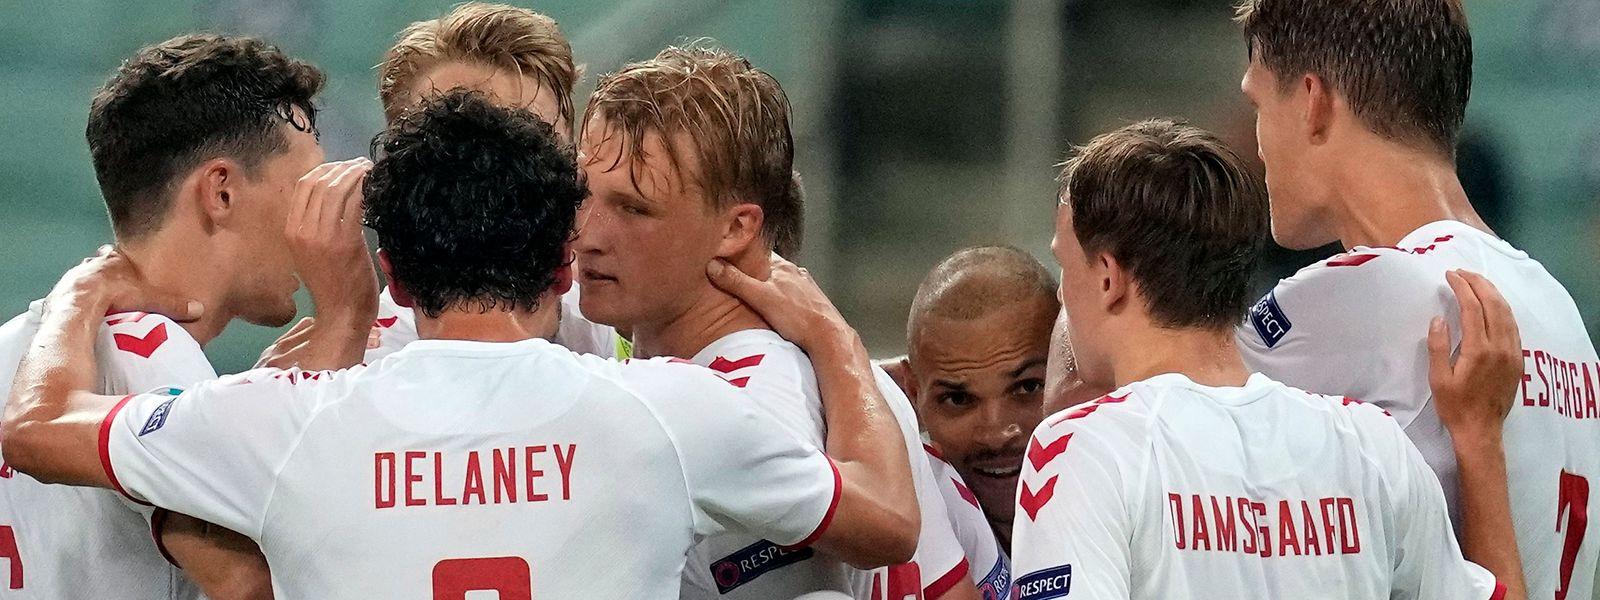 Die dänischen Spieler treten am Mittwoch im Halbfinale in London an.